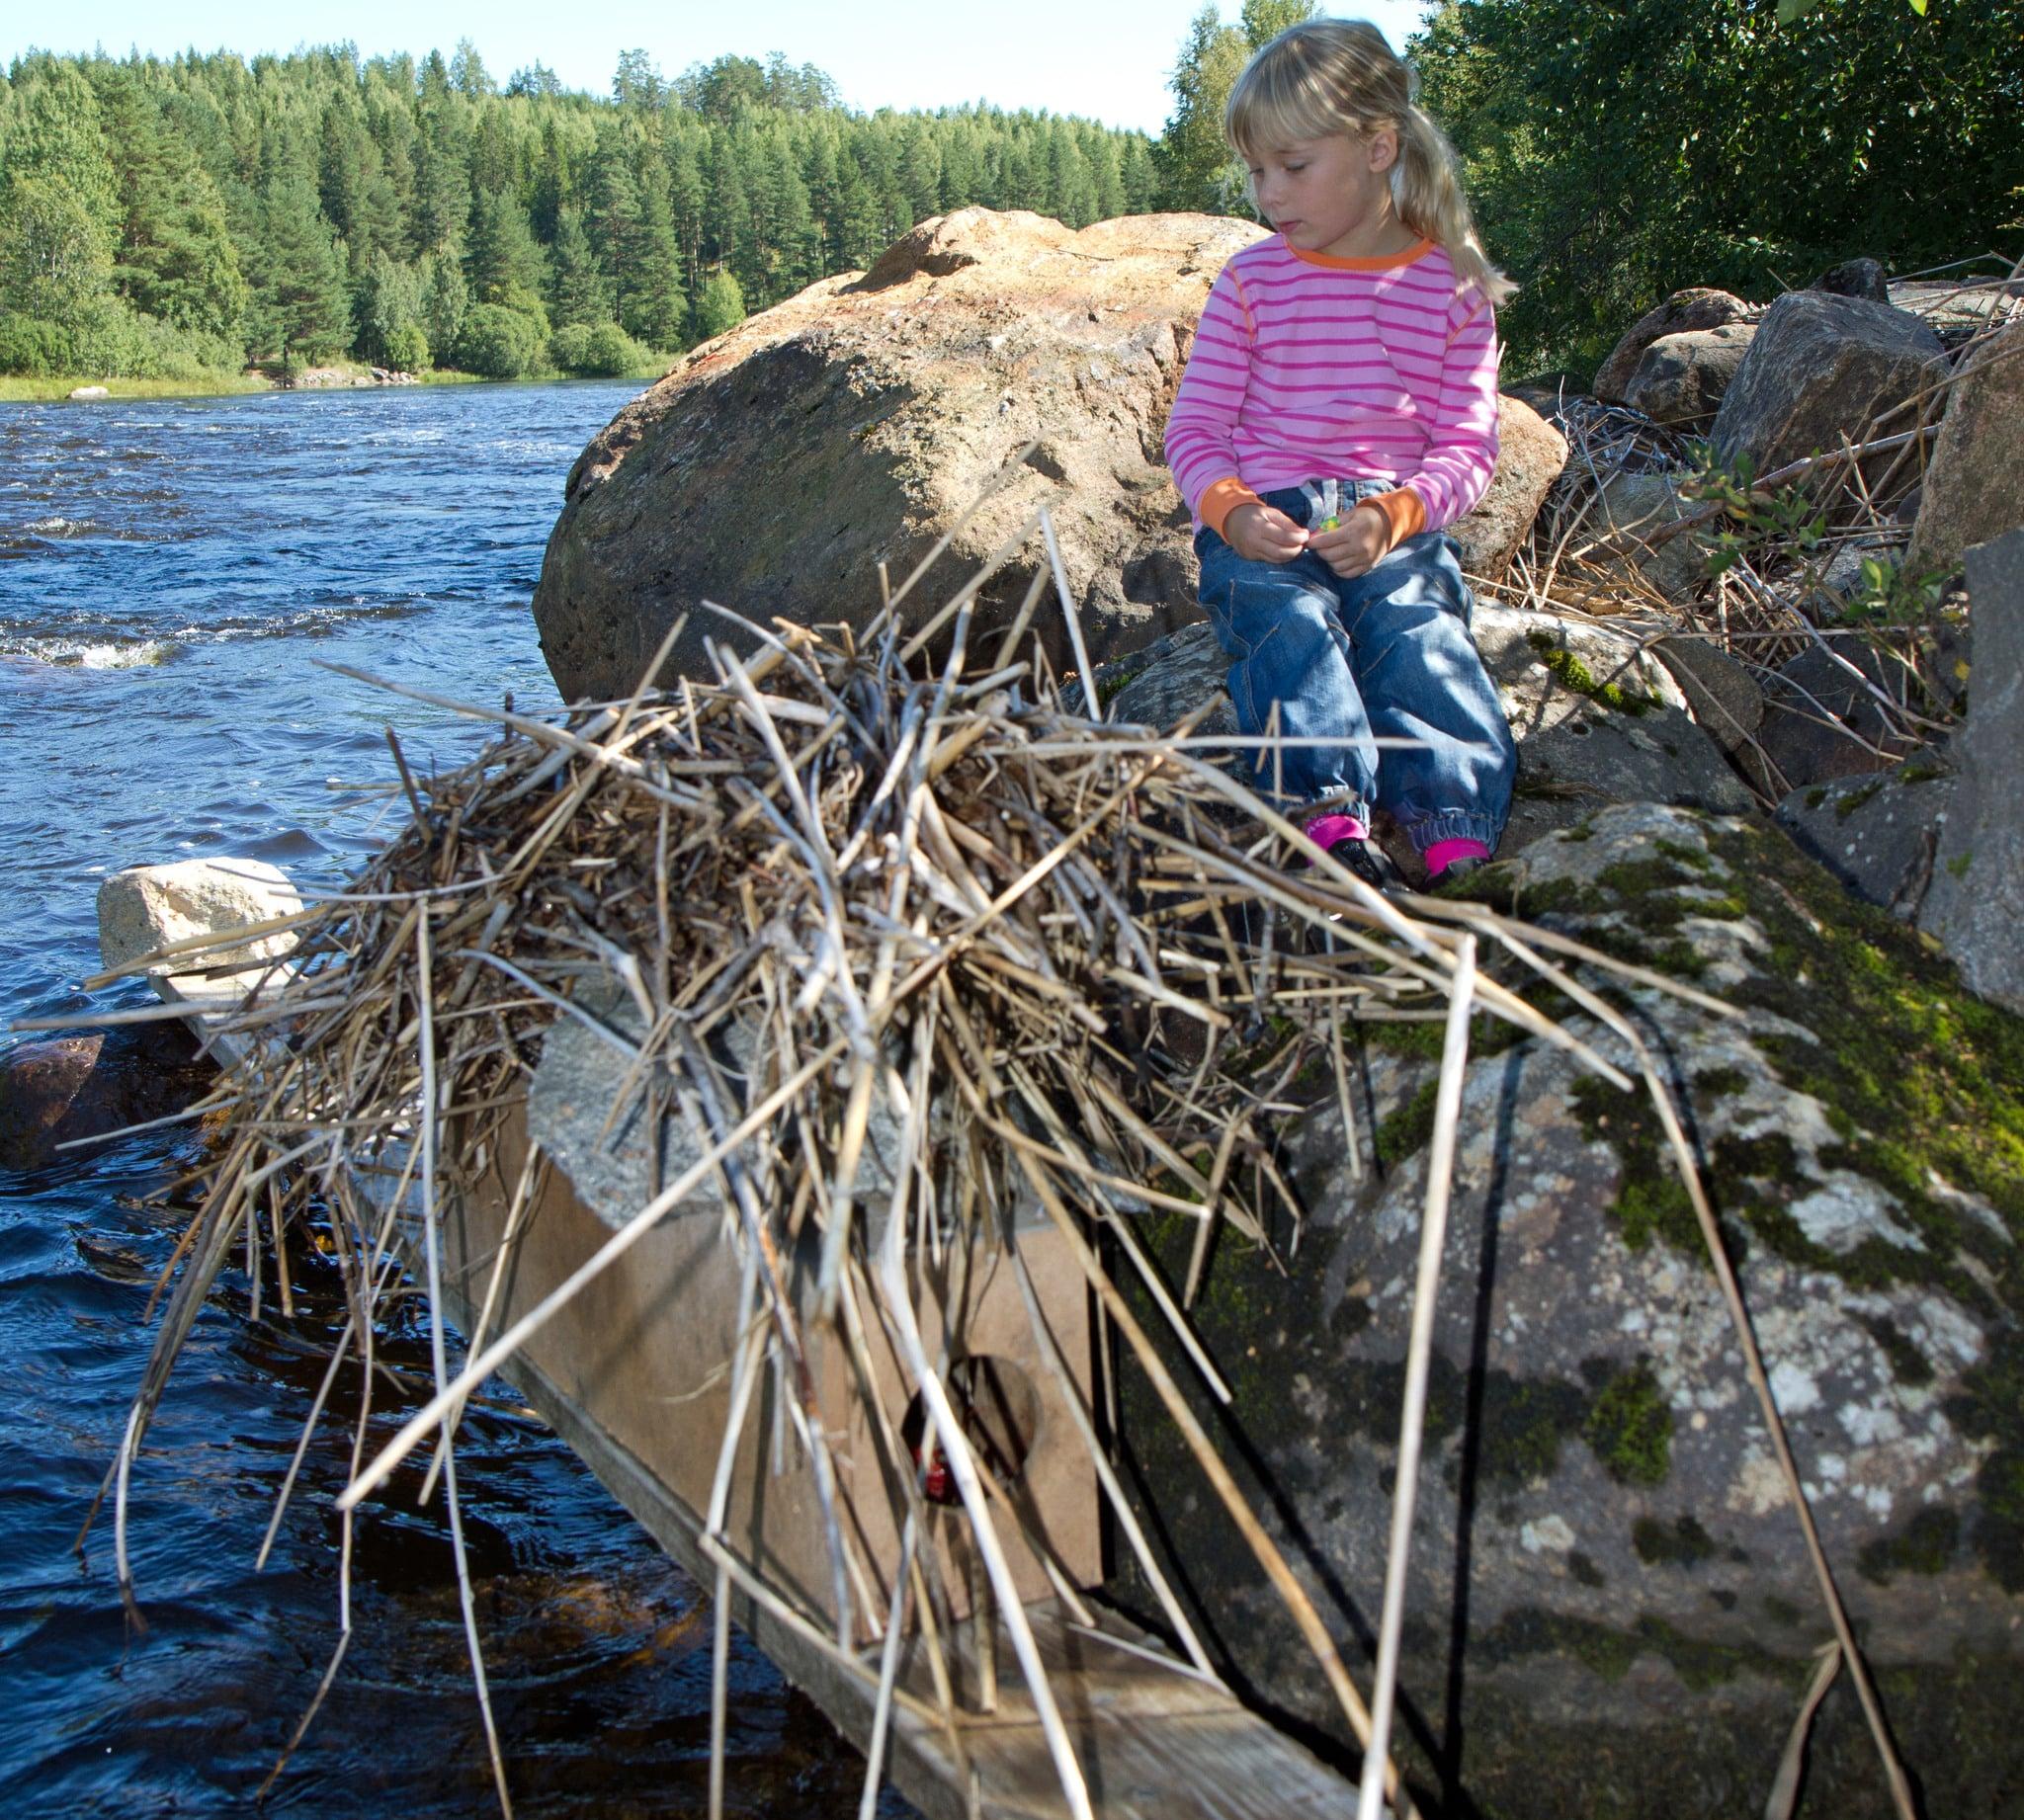 Förutom att minkfångst är viktigt för viltvården kan det vara en bra inkörsport till jakten för barn och ungdomar. Foto: Olle Olsson